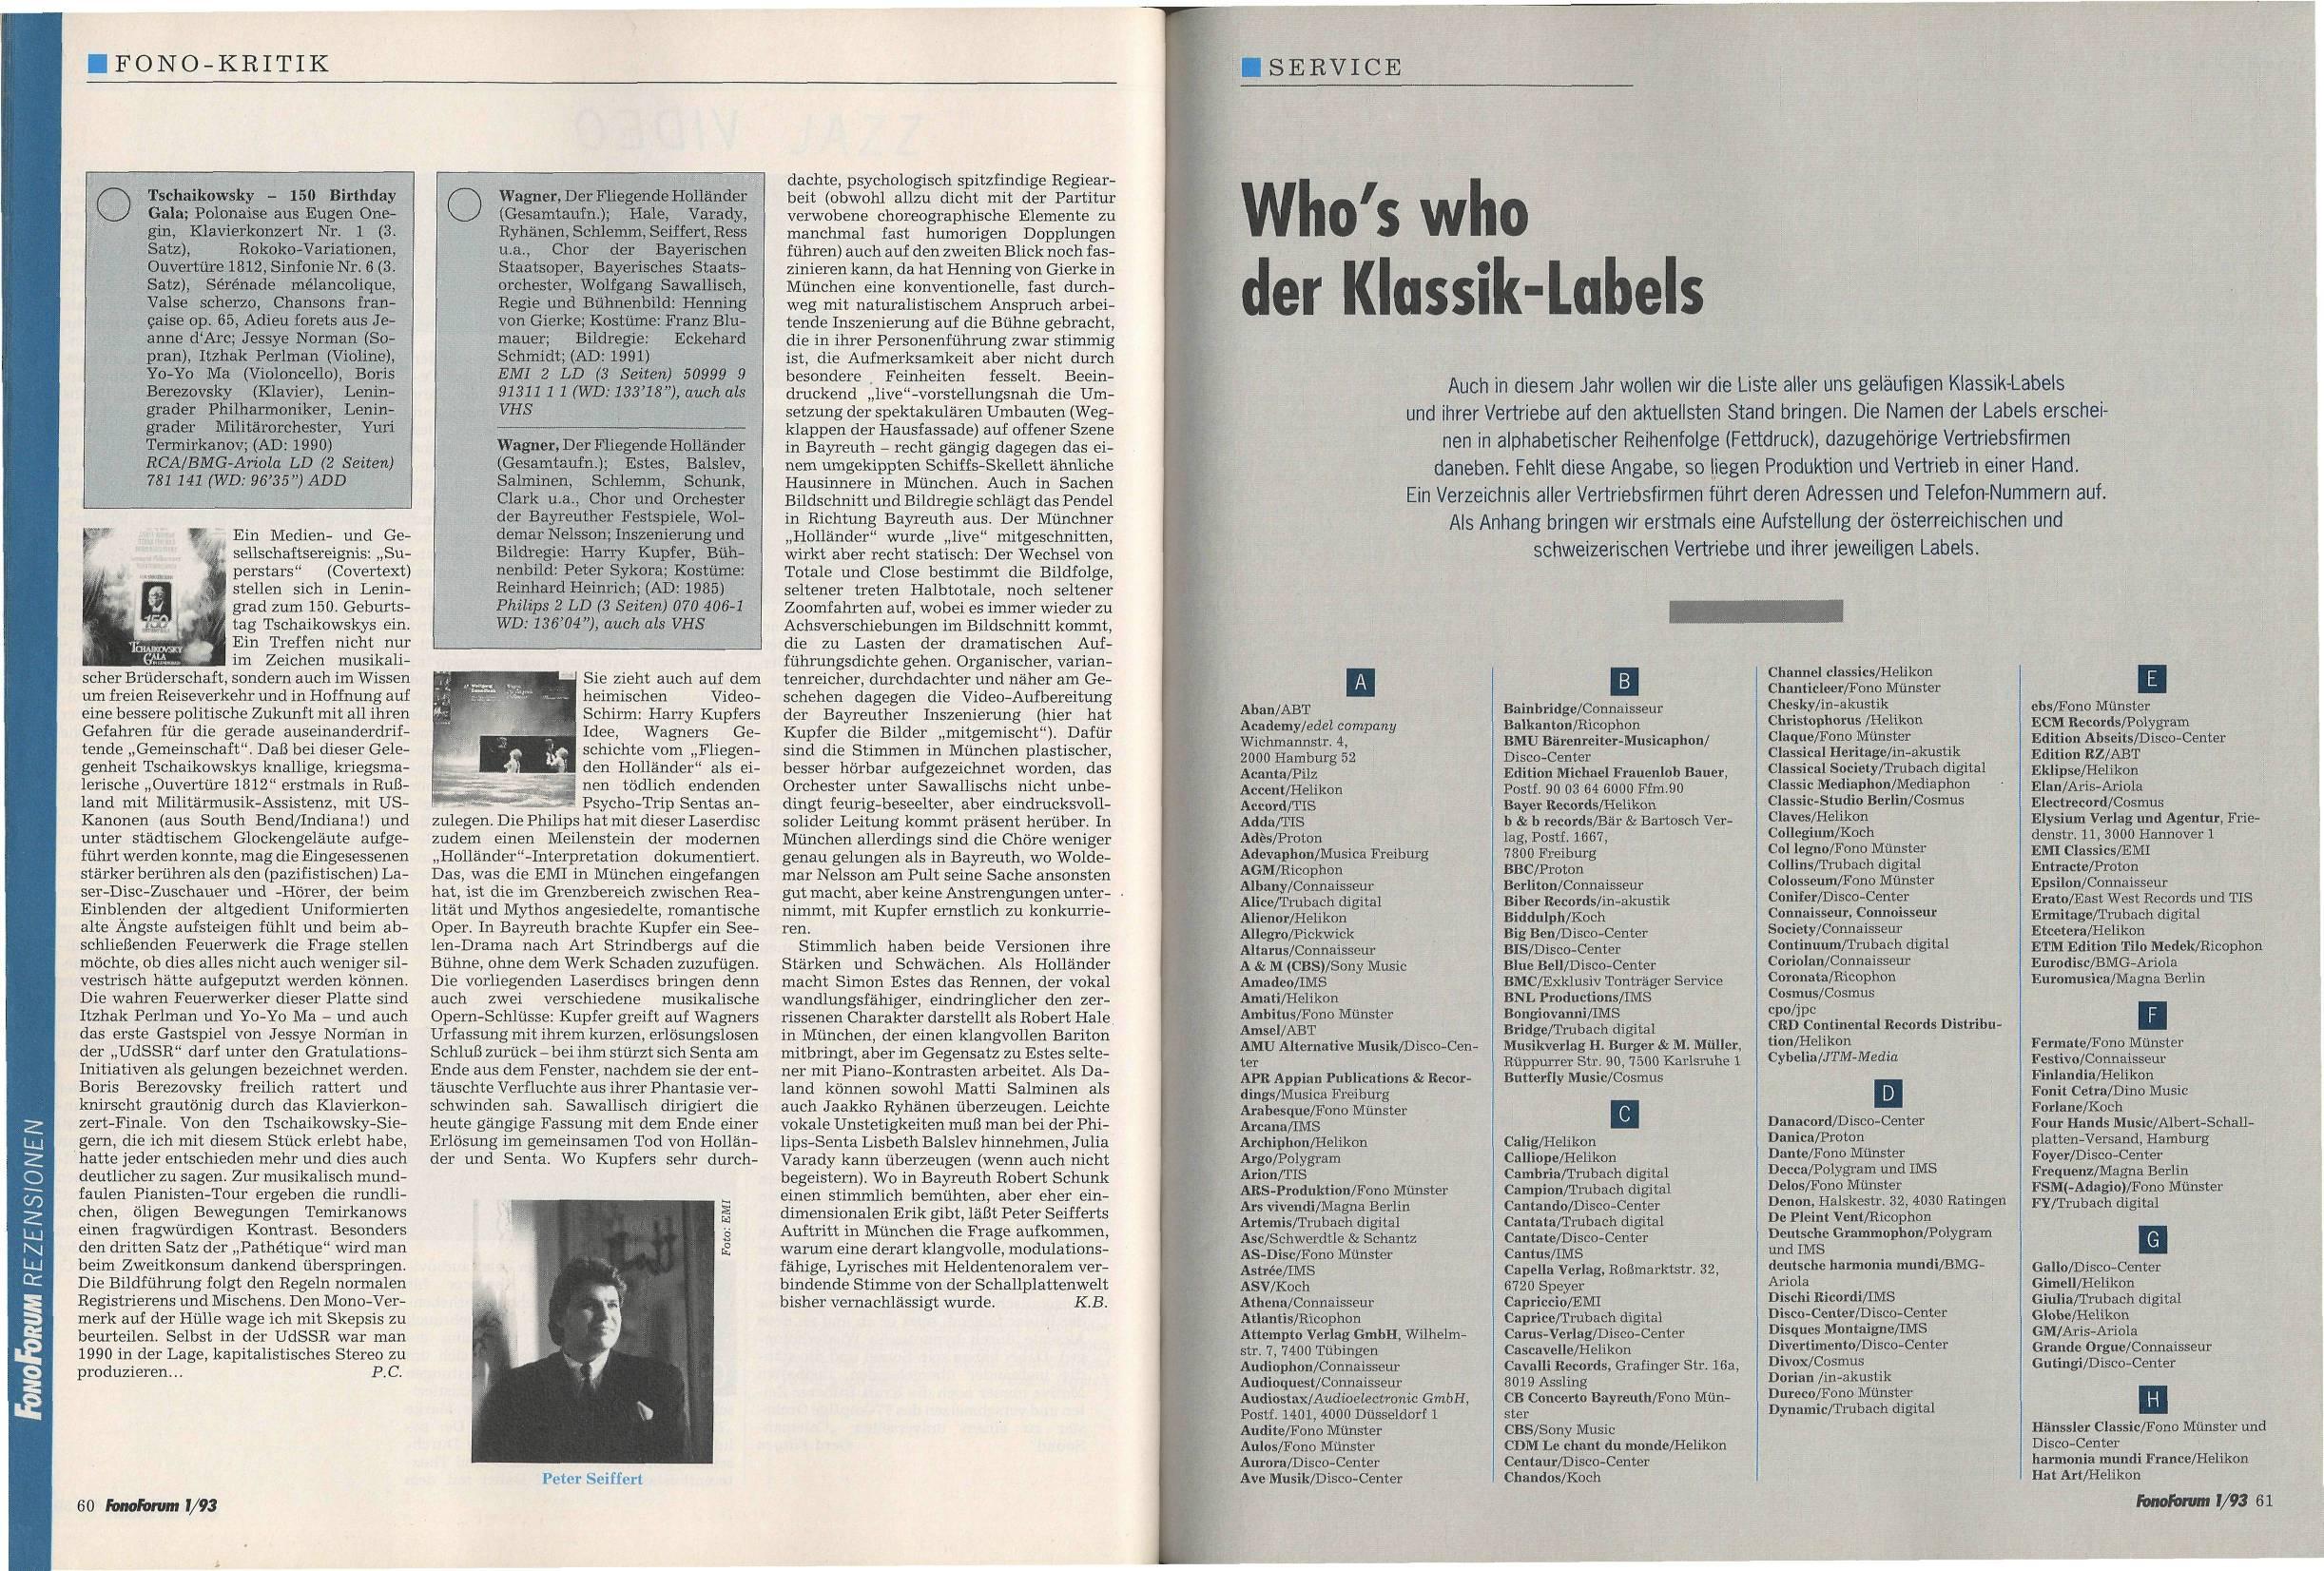 Who's who der Klassik-Labels